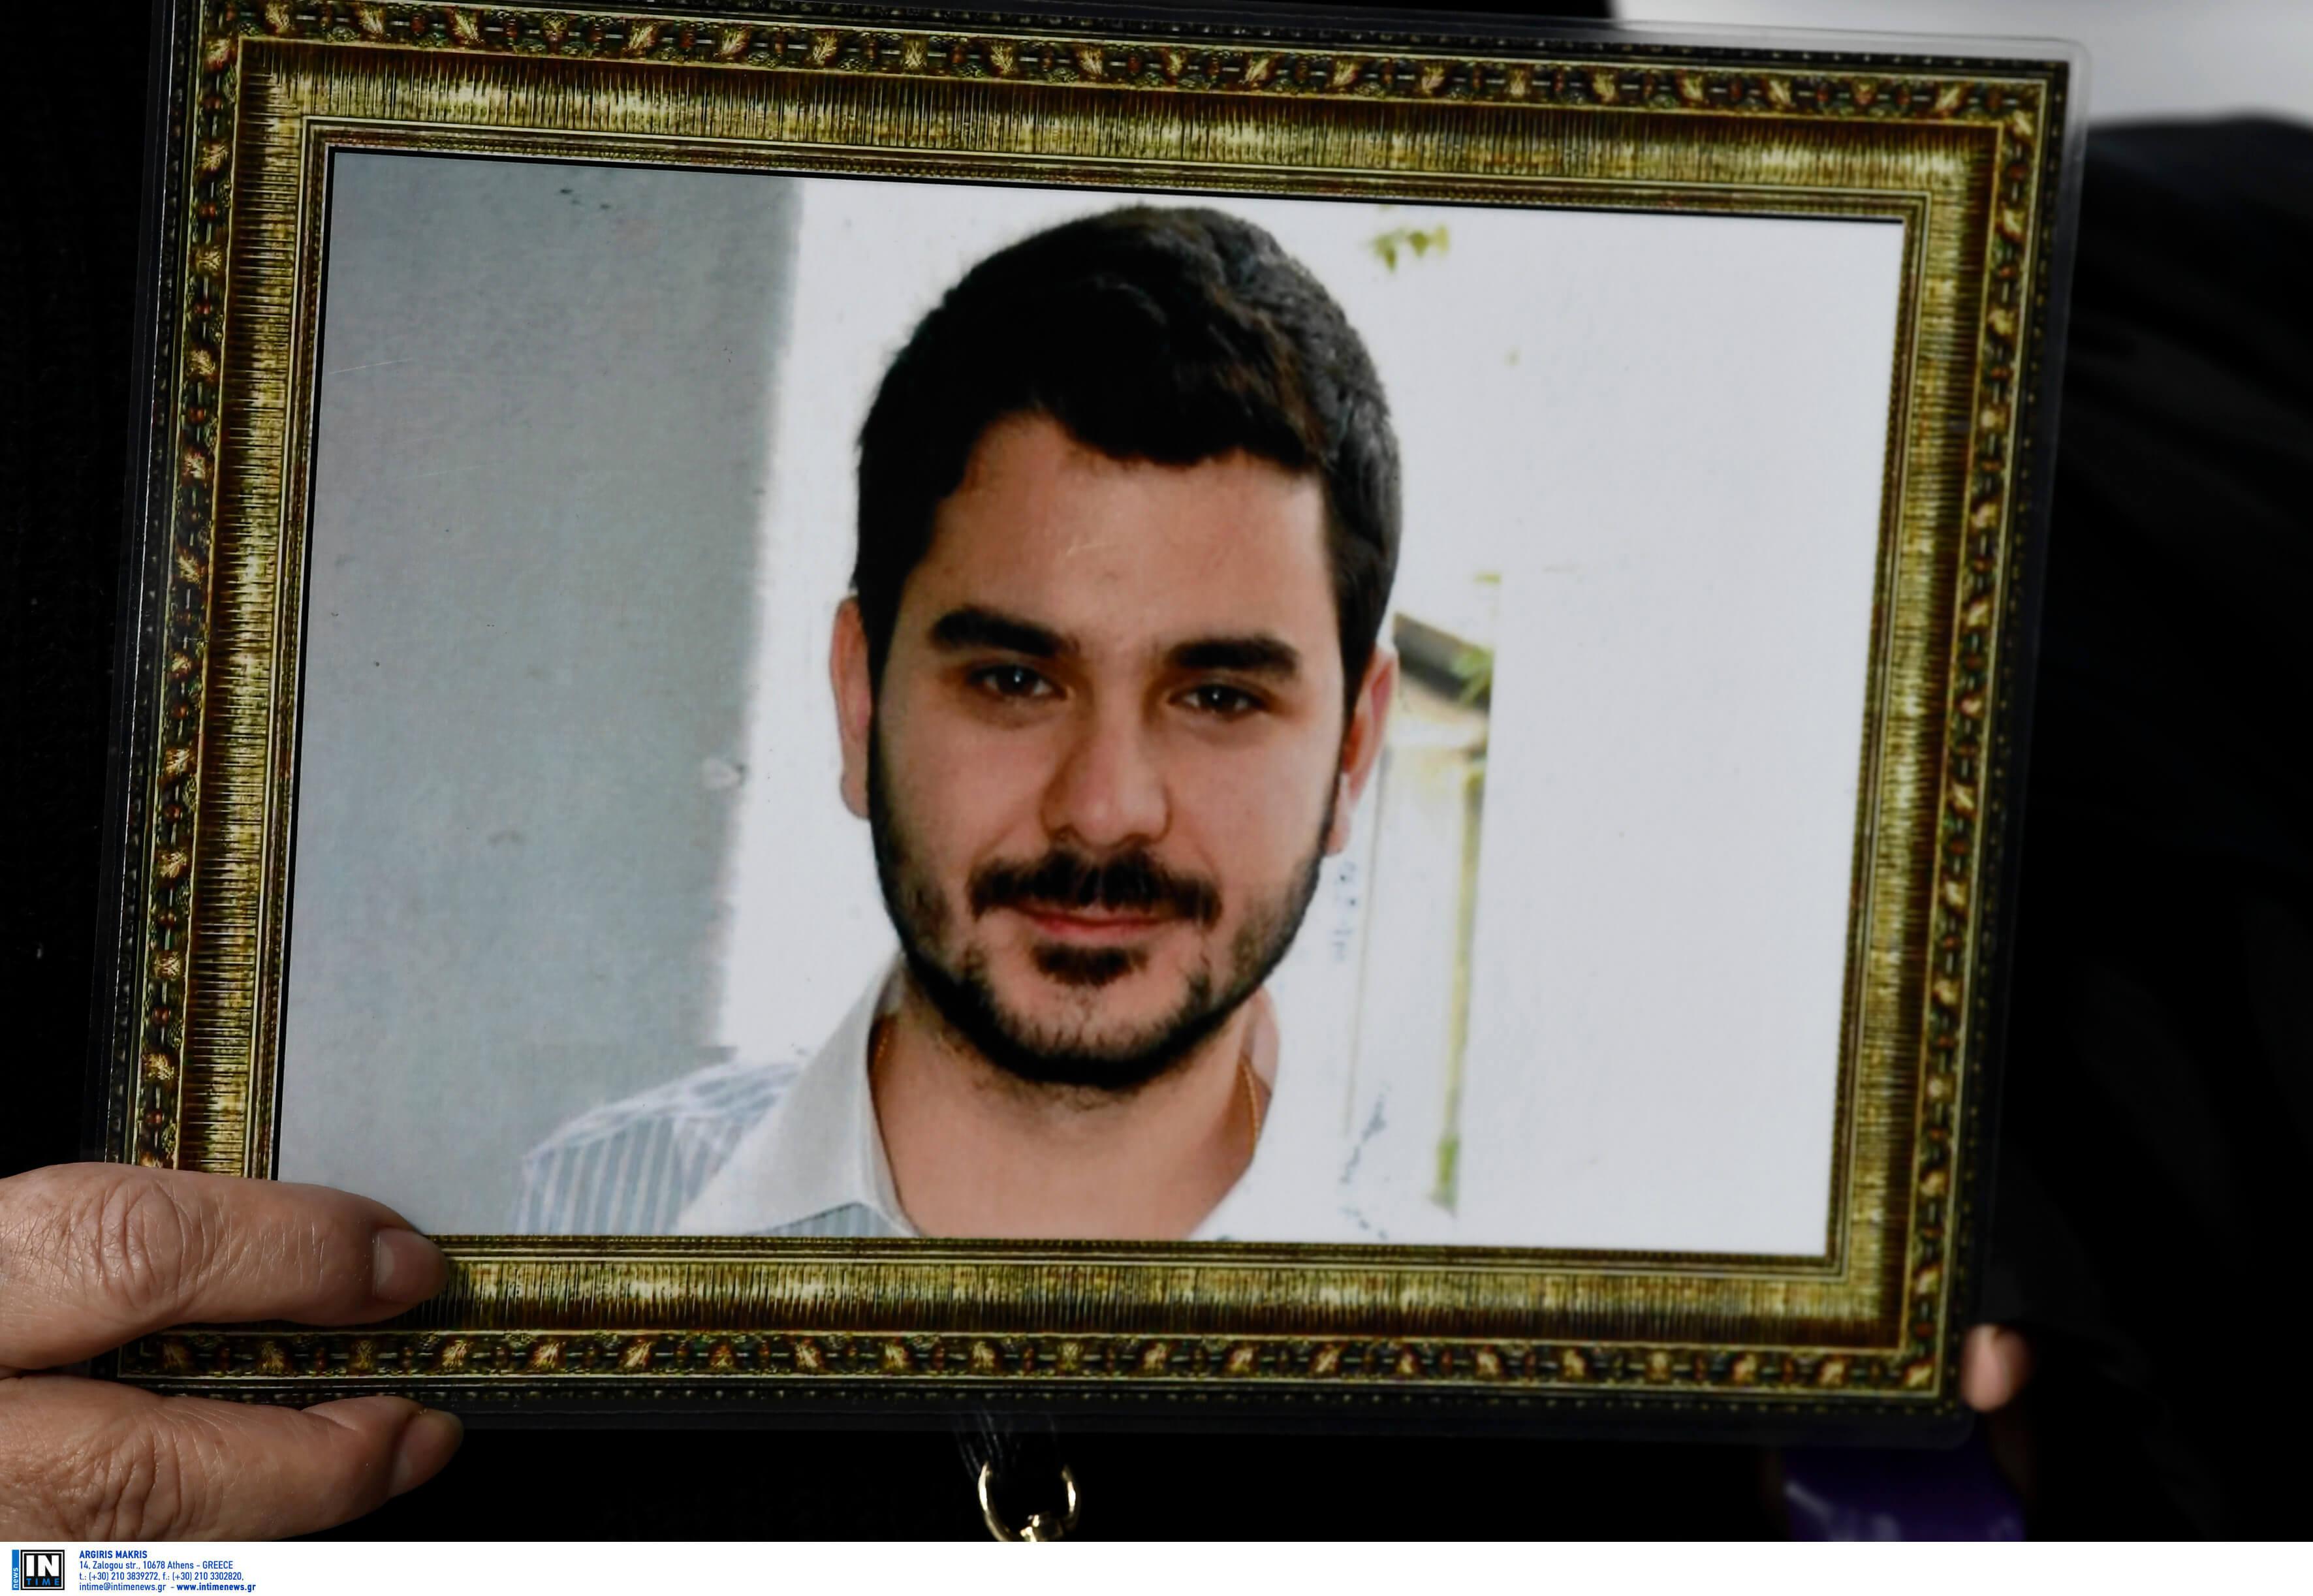 Δίκη για δολοφονία Μάριου Παπαγεωργιου: Κατάθεση σοκ από τον εγκέφαλο – «Είναι ζωντανός»